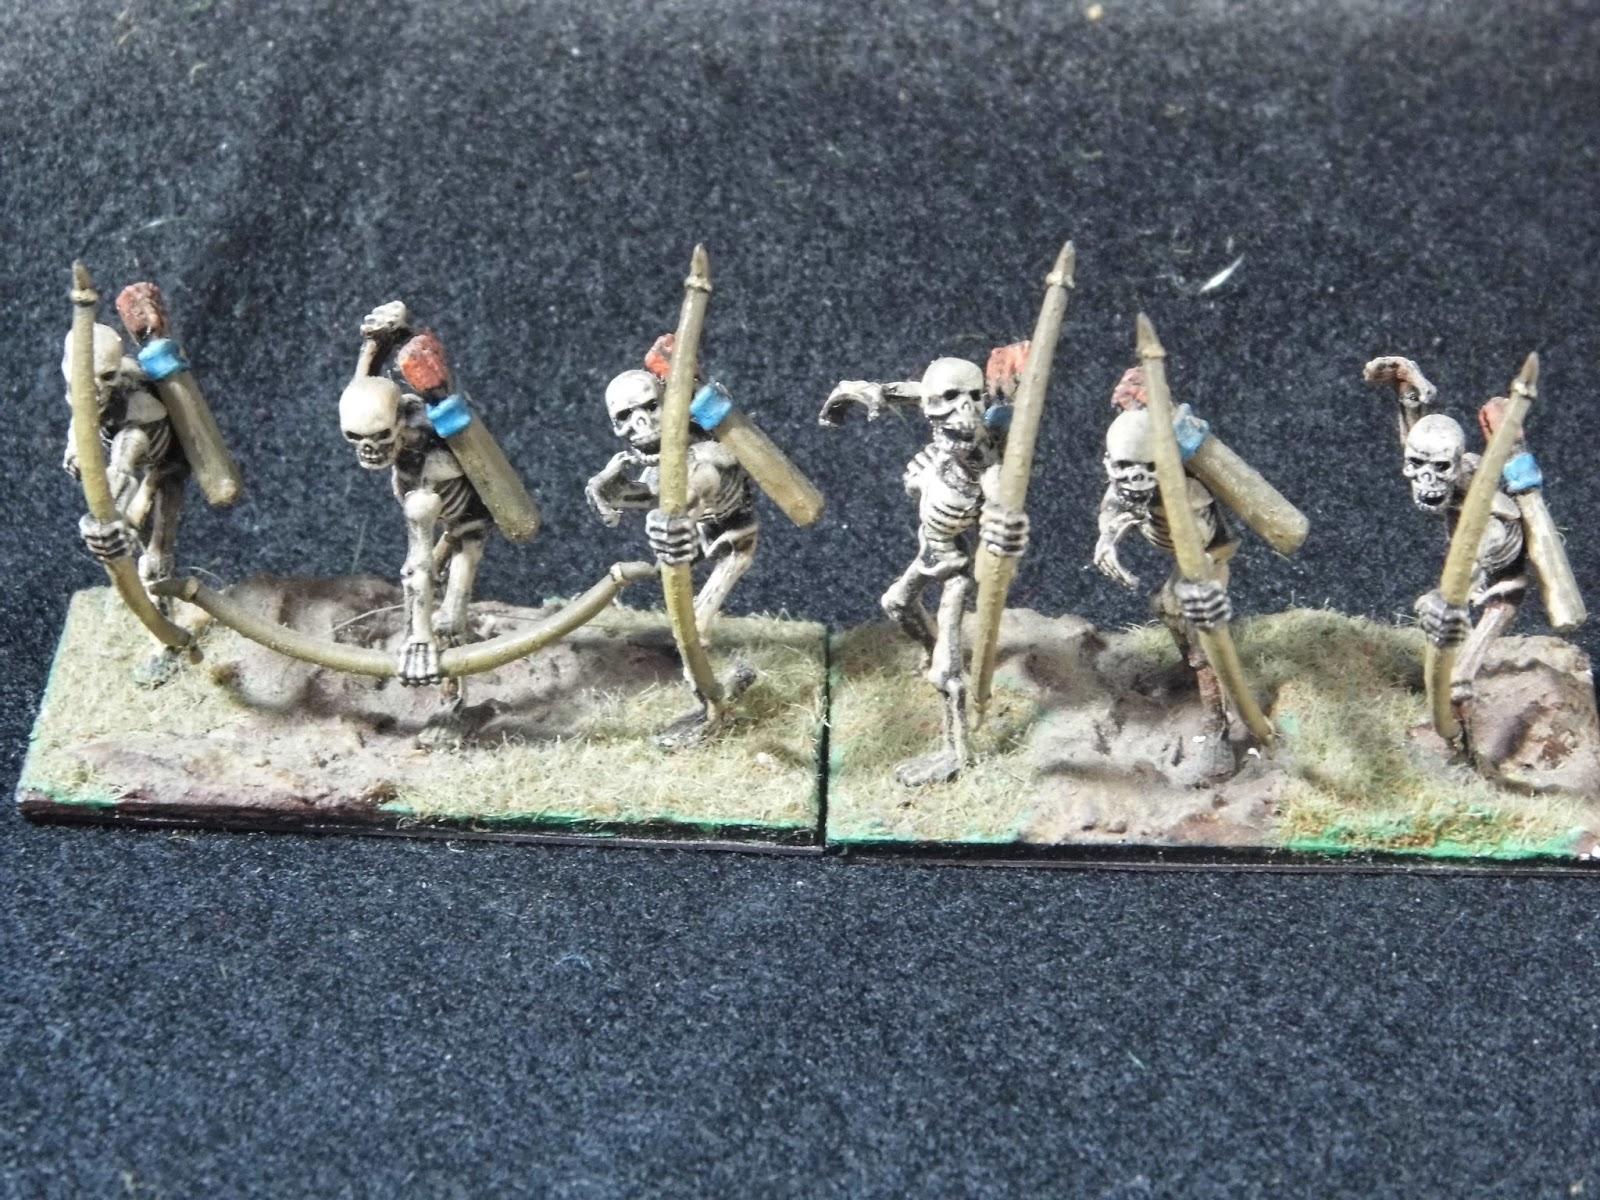 Model kits and Wargames: HoTT 28mm Skeletons